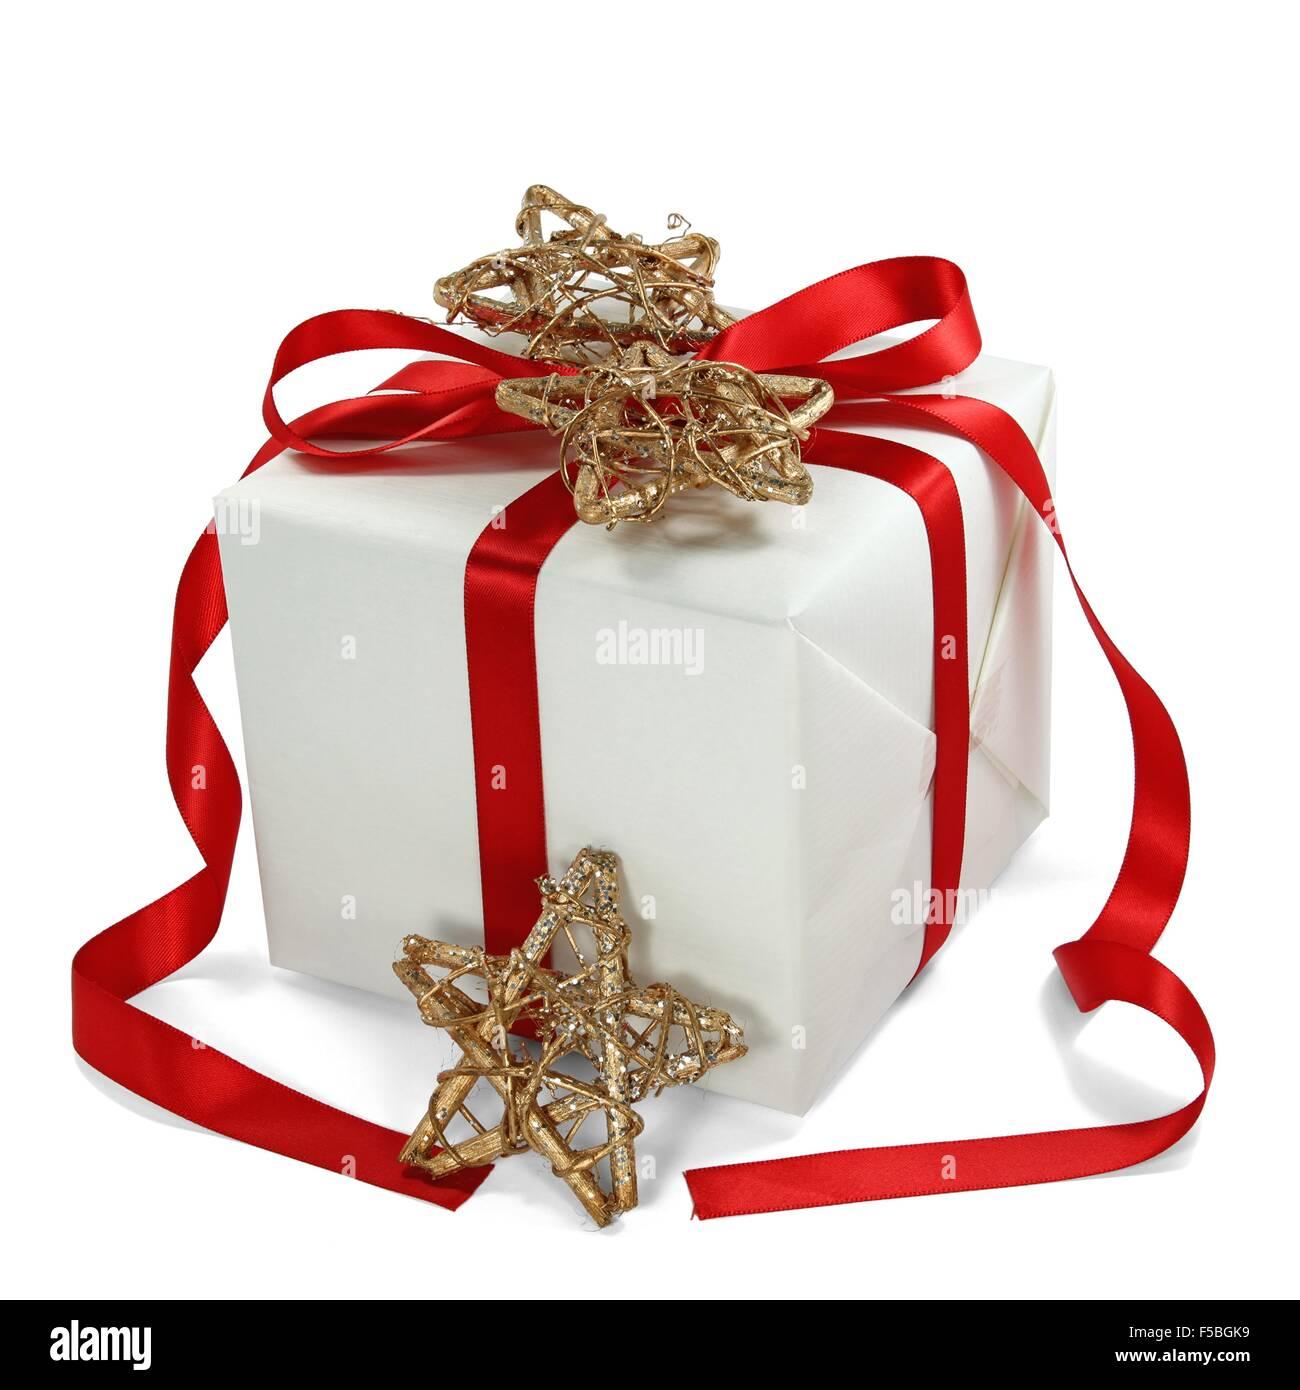 Navidad, Vacaciones de Navidad Foto de stock